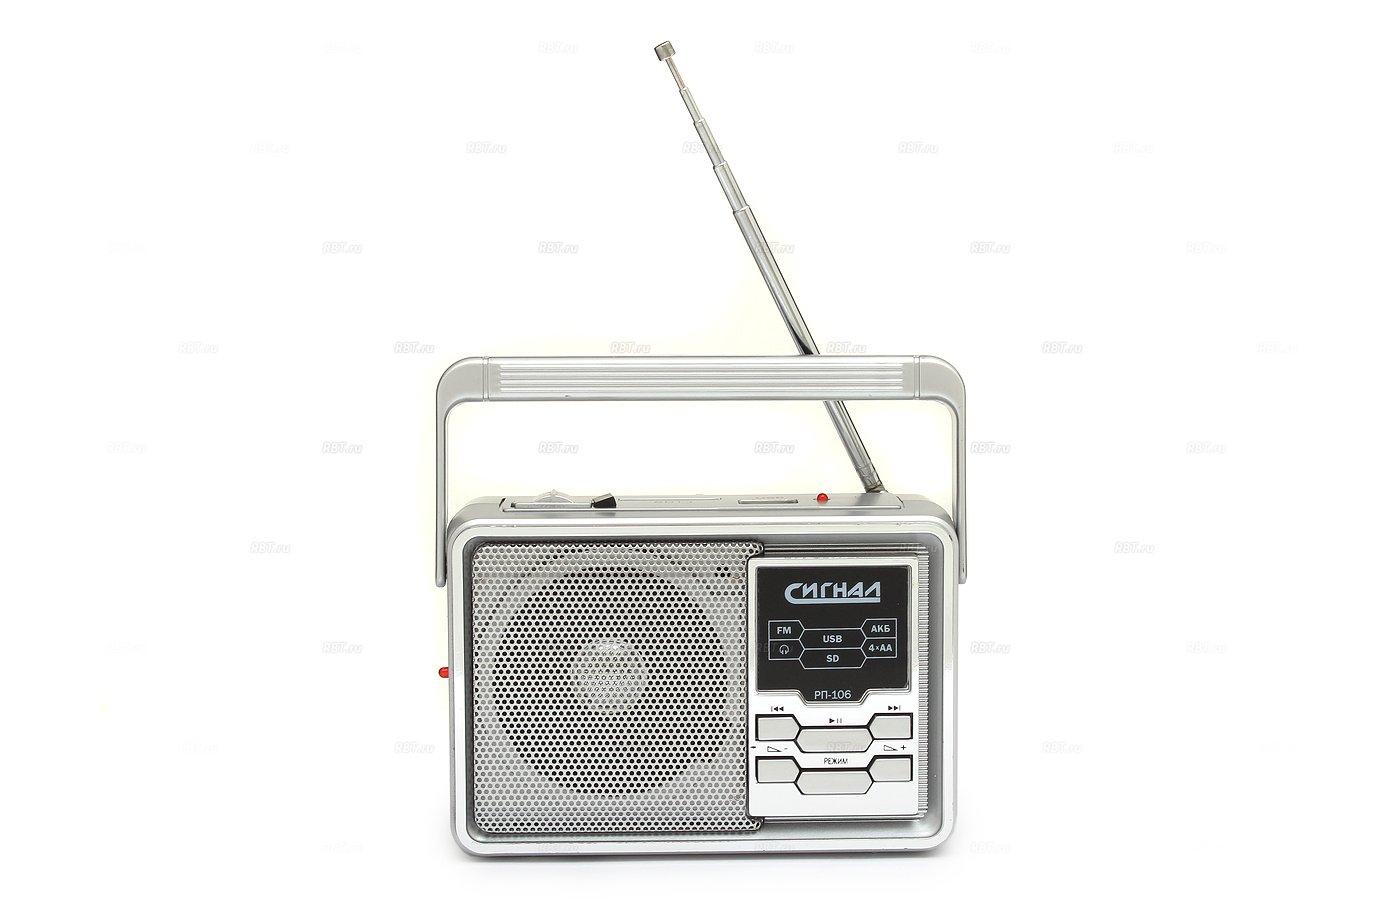 Радиоприемник Сигнал electronics РП-106